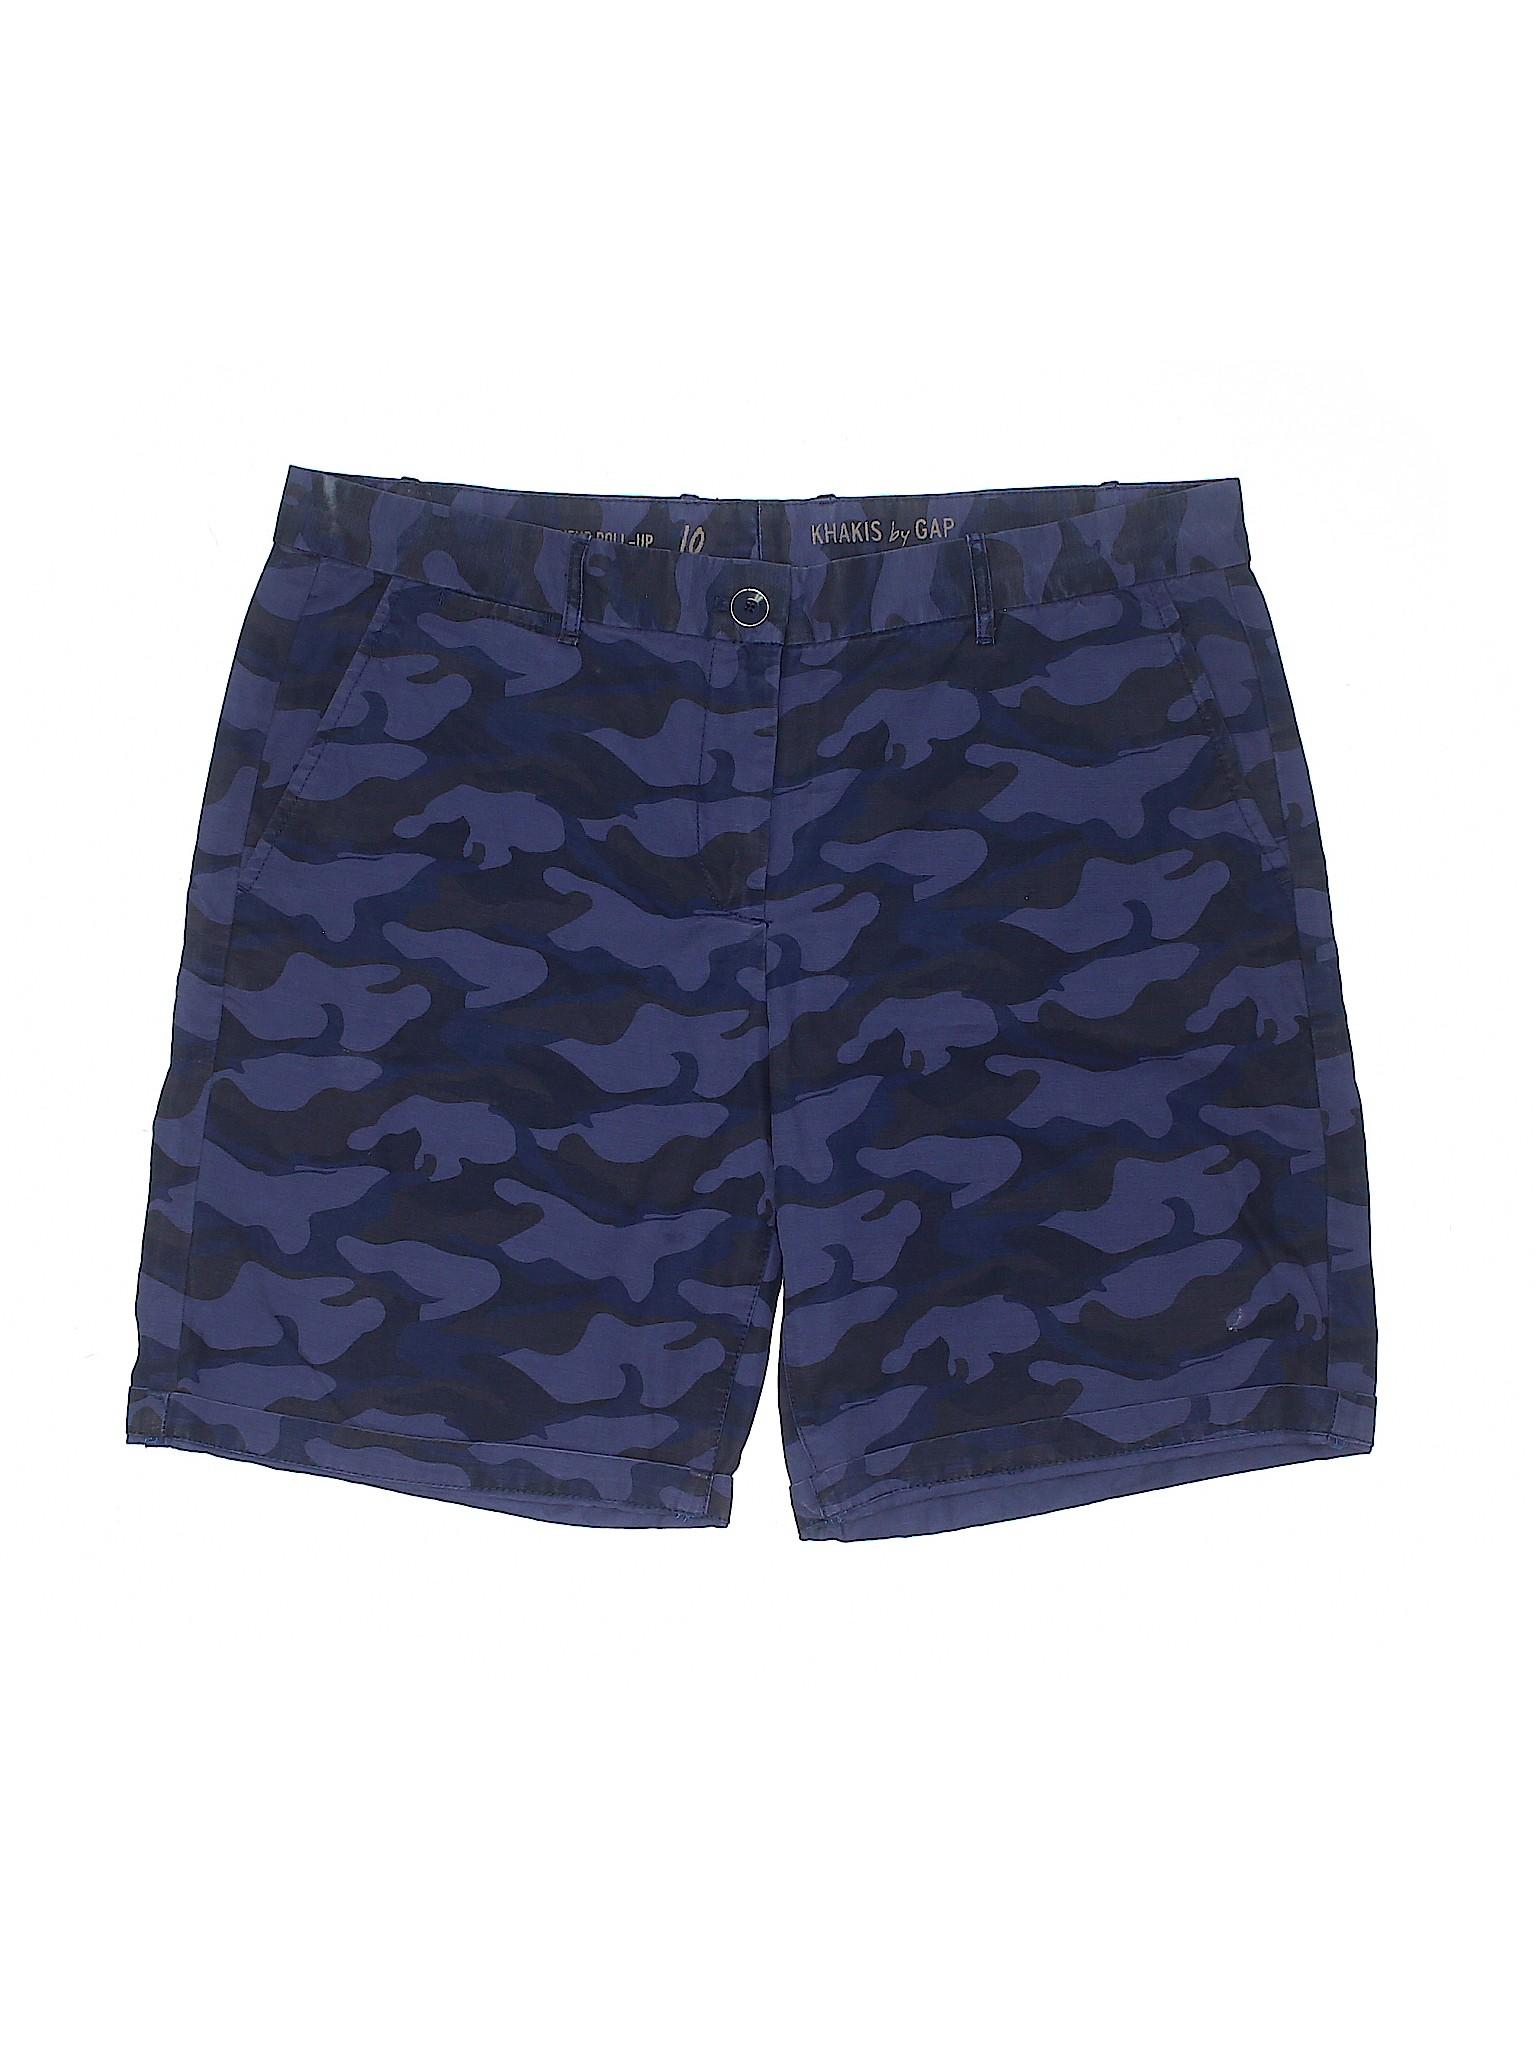 Boutique Boutique Khaki Shorts Shorts Boutique Boutique Gap Gap Gap Boutique Khaki Gap Khaki Shorts Shorts Khaki qqxR7Bwf